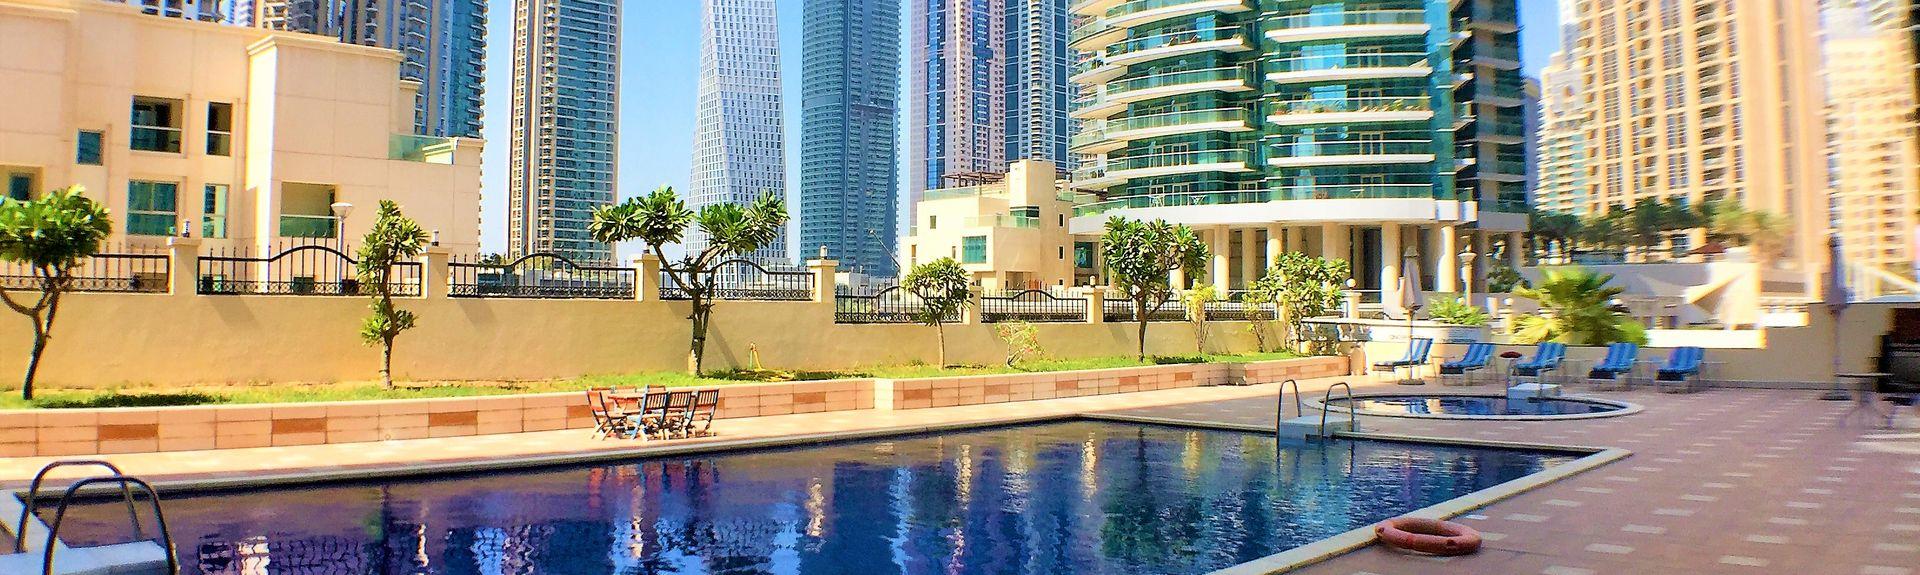 Al Sufouh 2, Dubái, Dubái, Emiratos Árabes Unidos